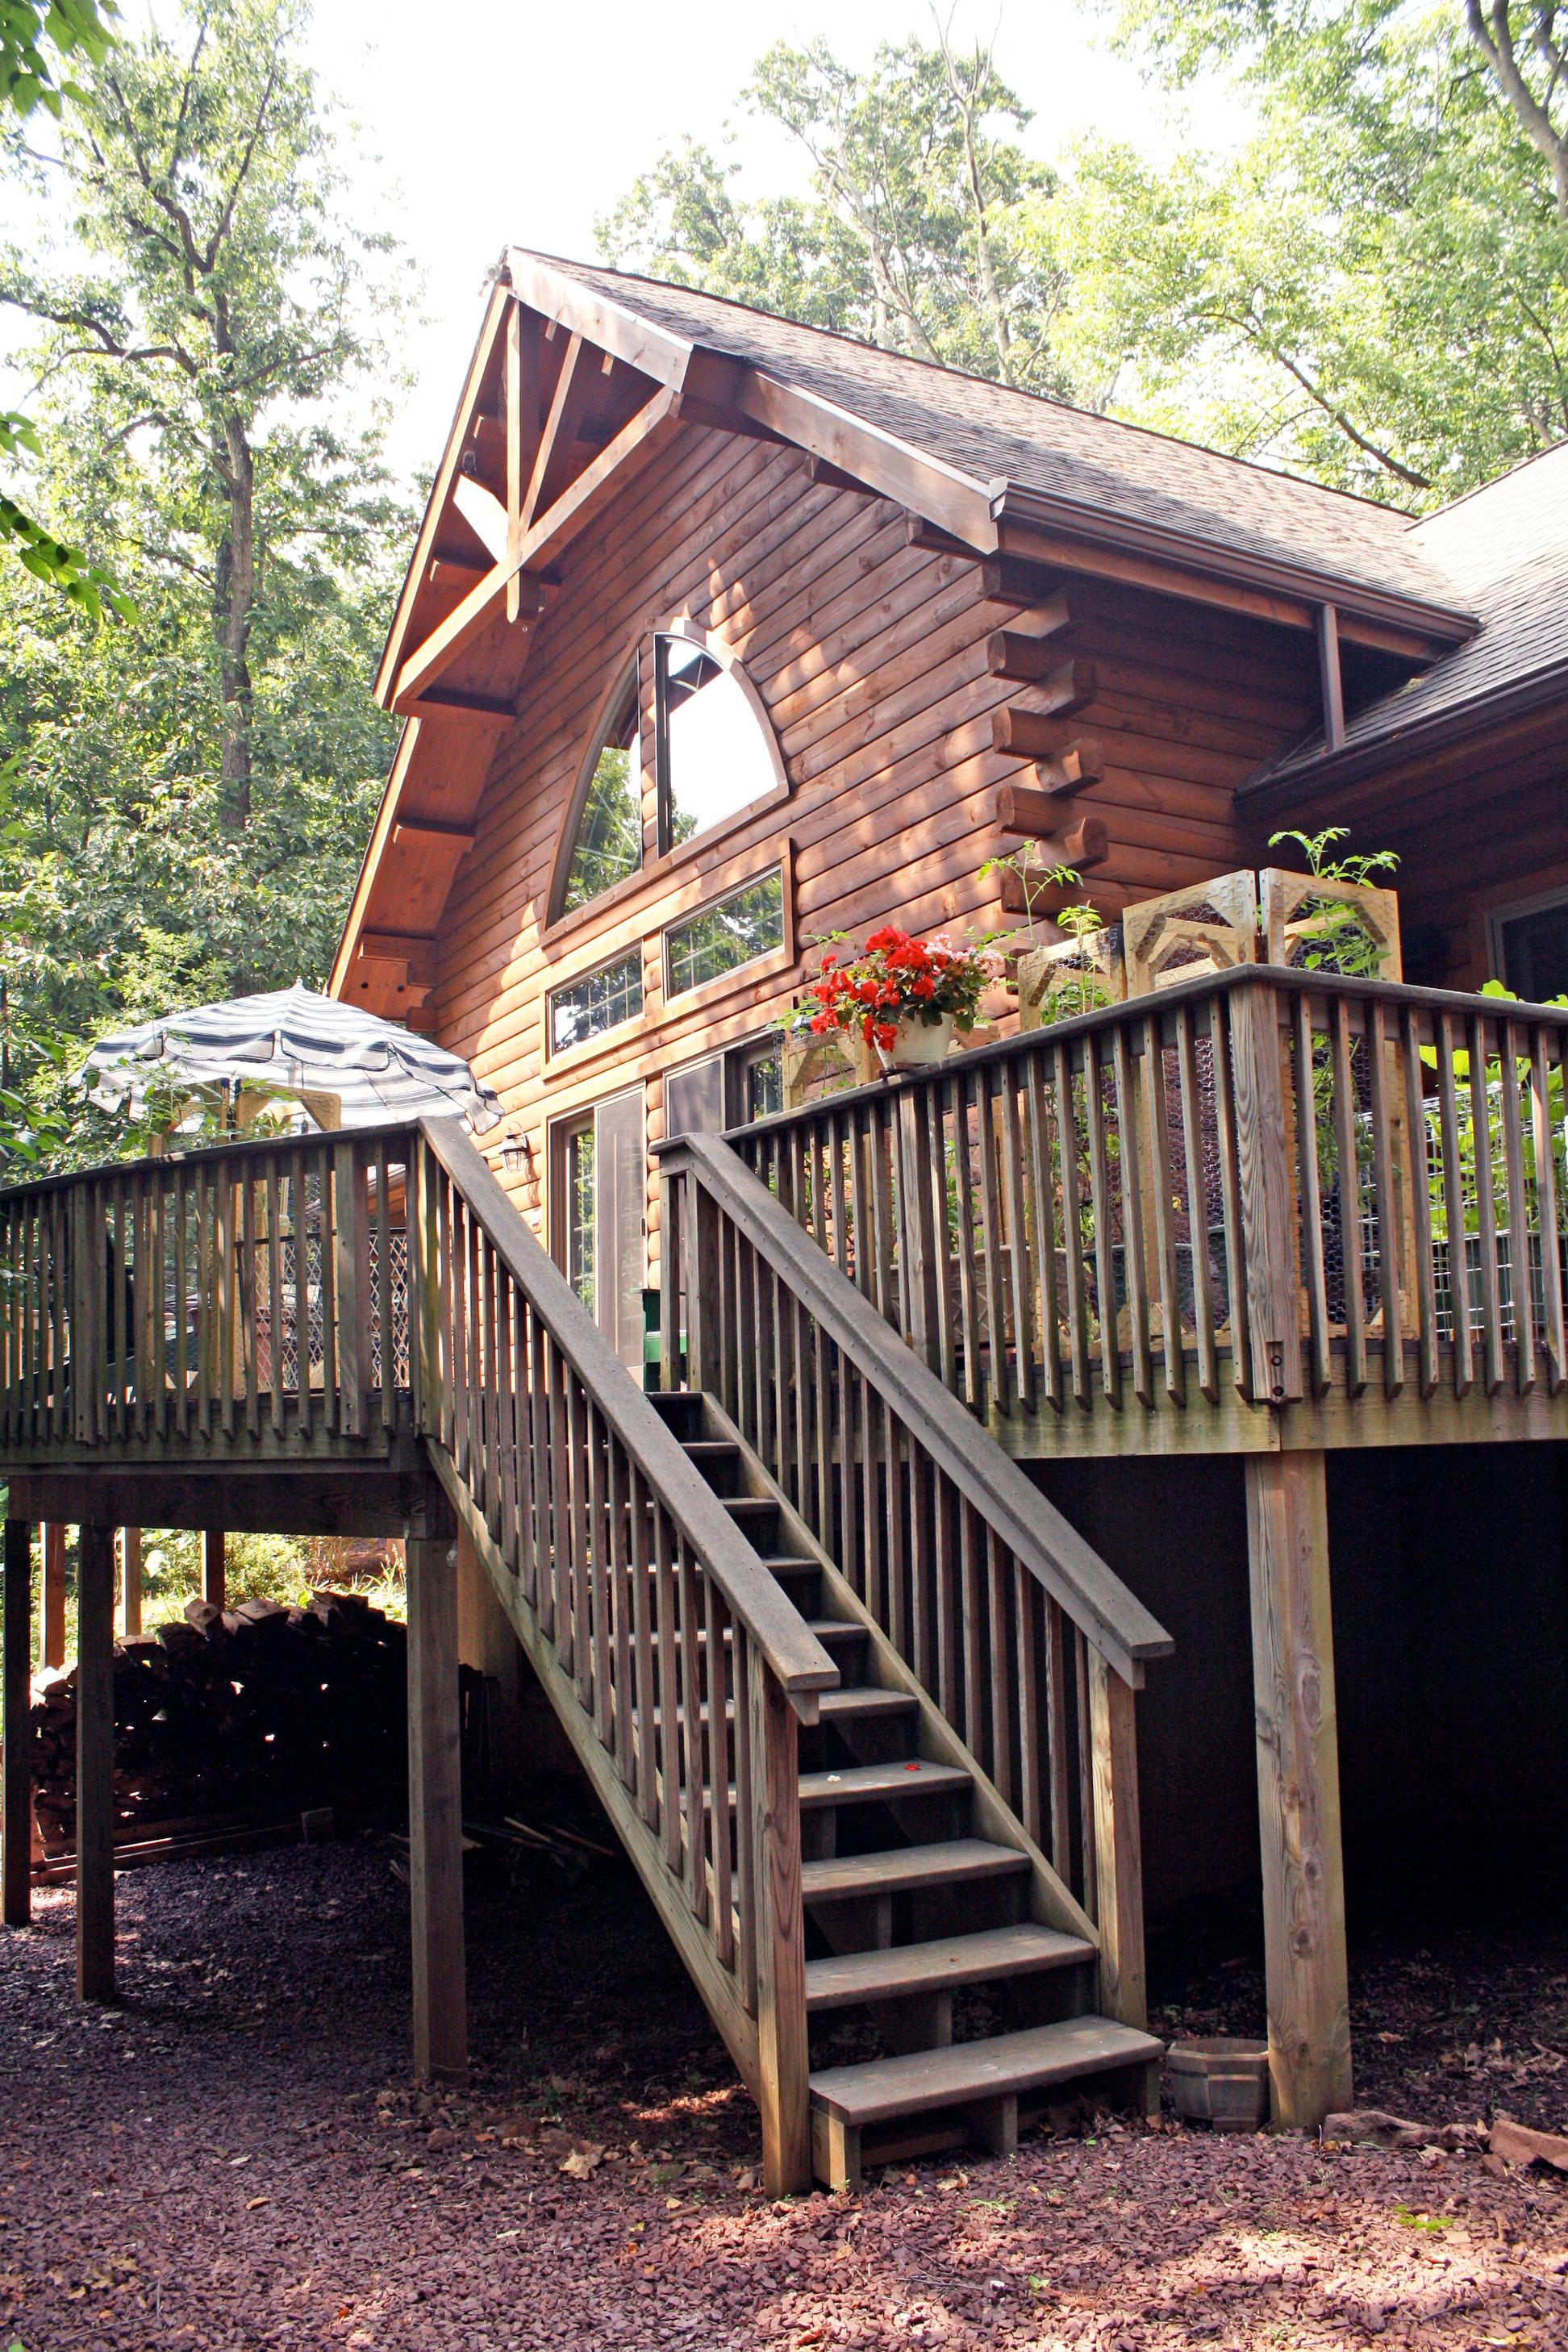 log-cabin-exterior-at-deck-steps.jpg